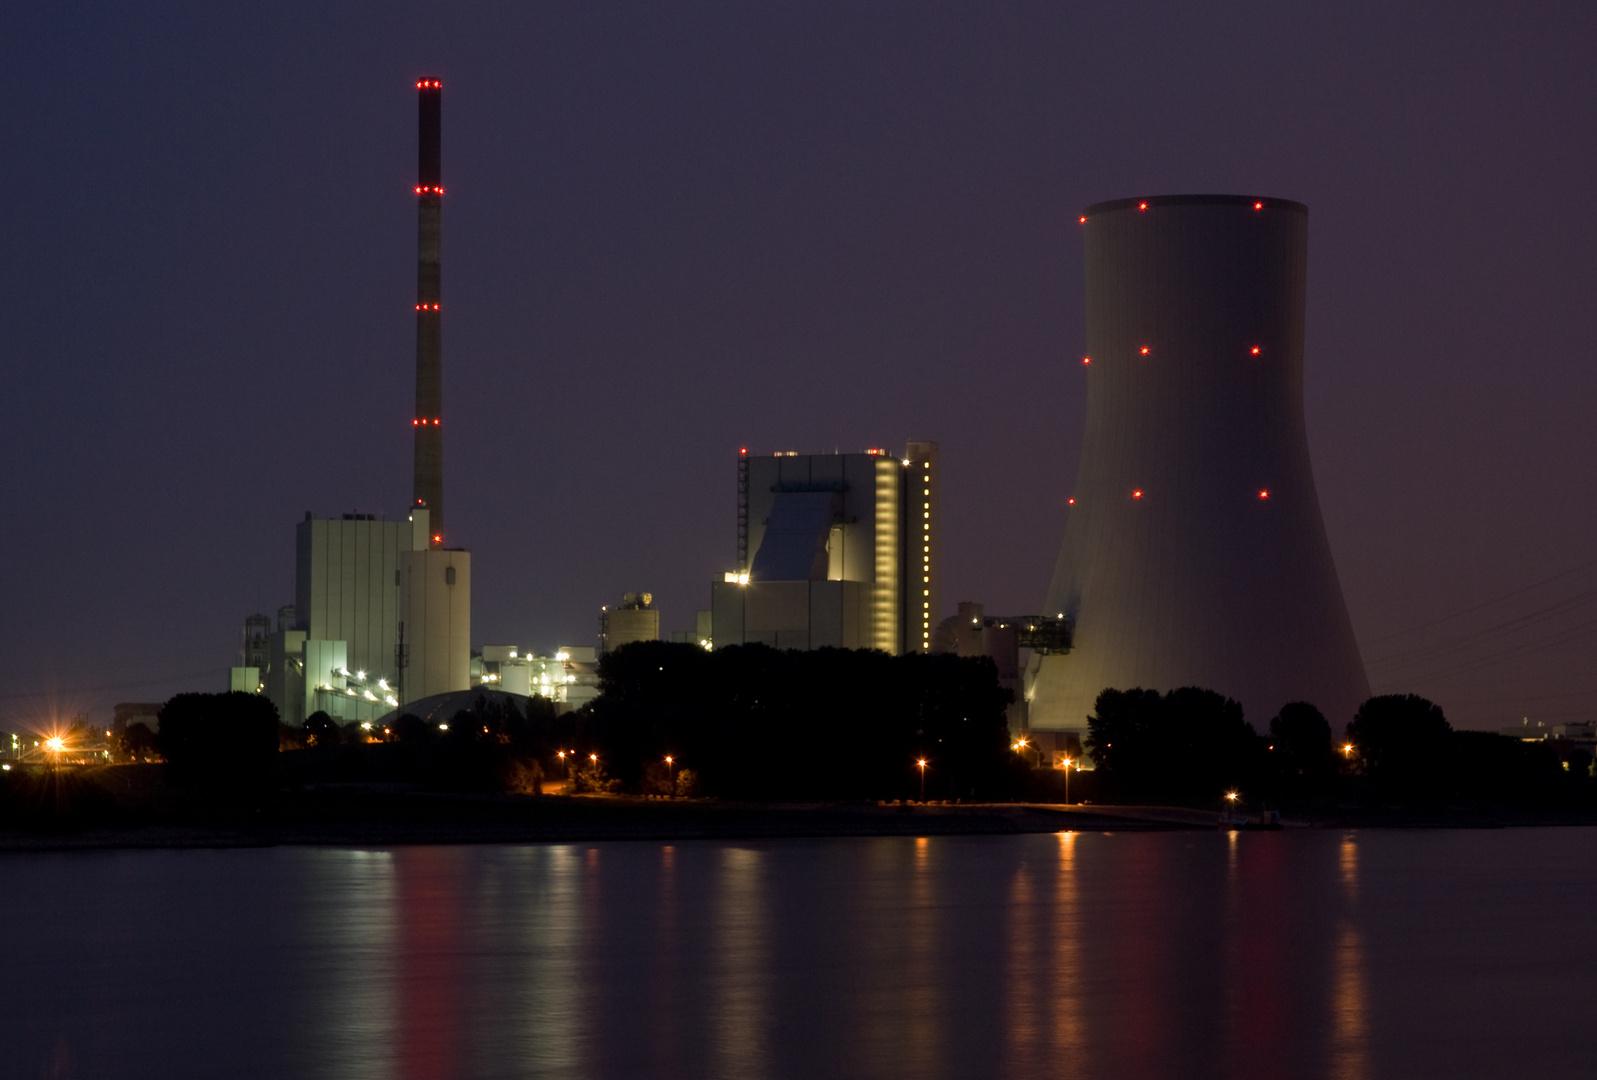 Nacht-Strom